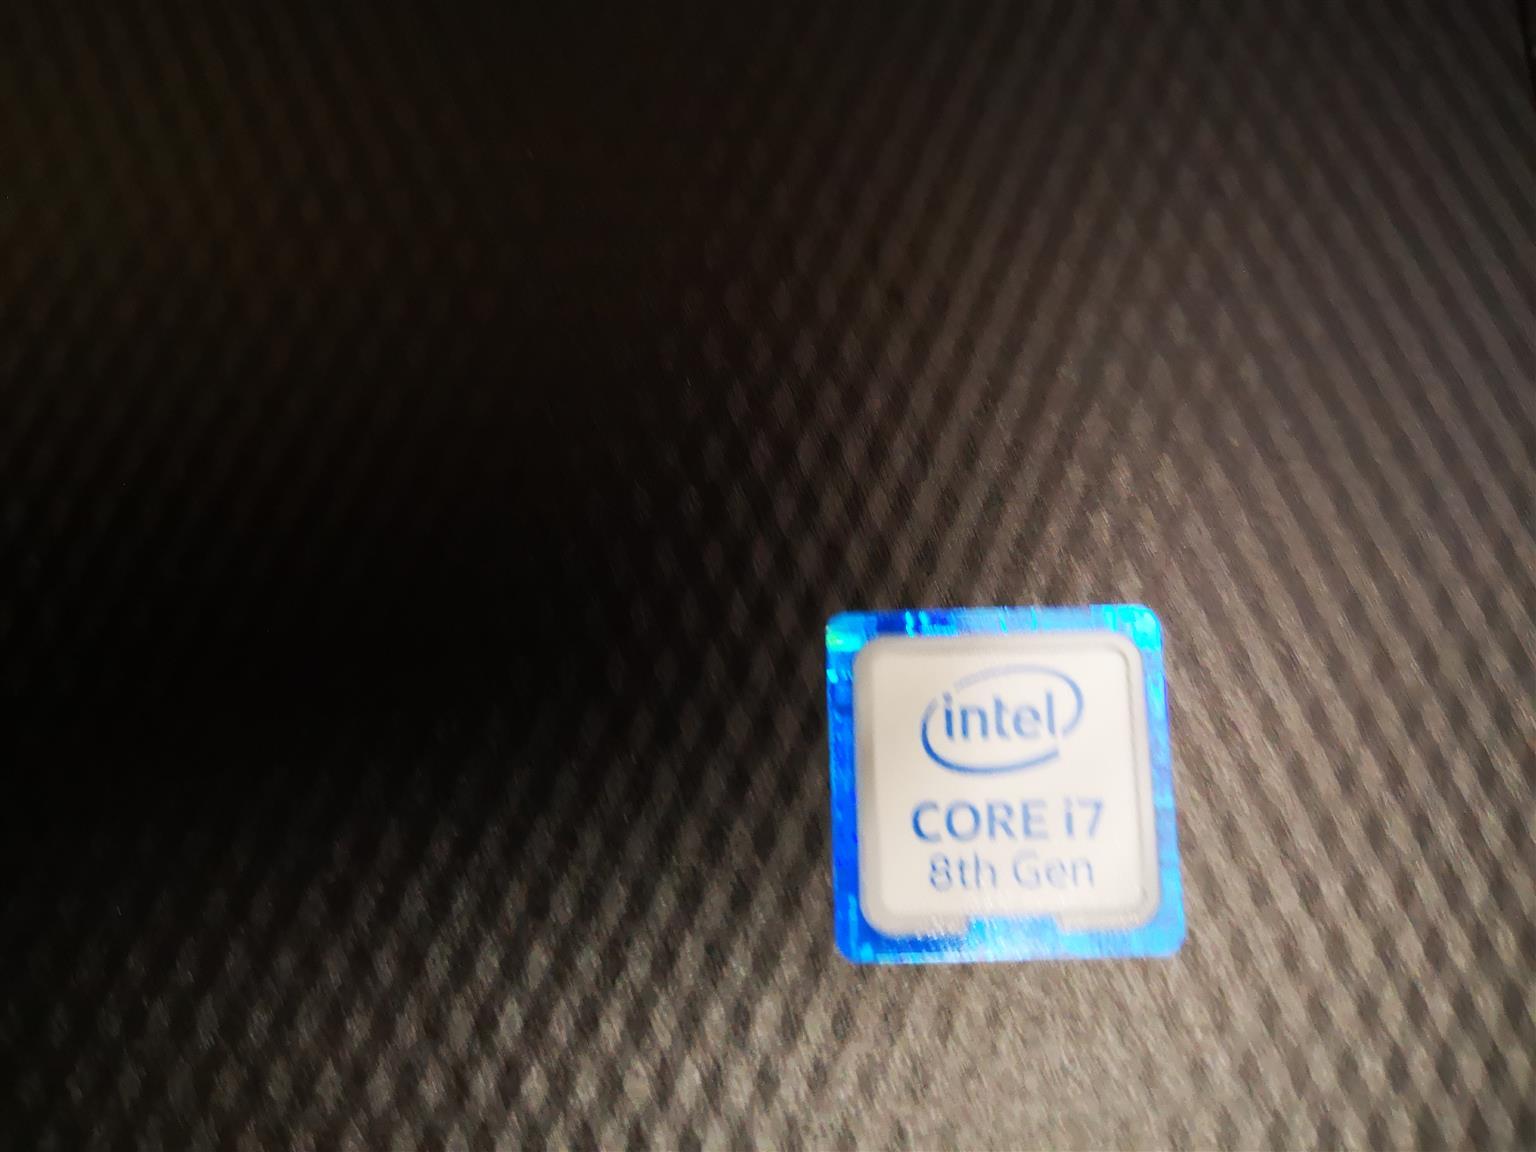 2019 Dell Inspiron 15 3580 intel core i7